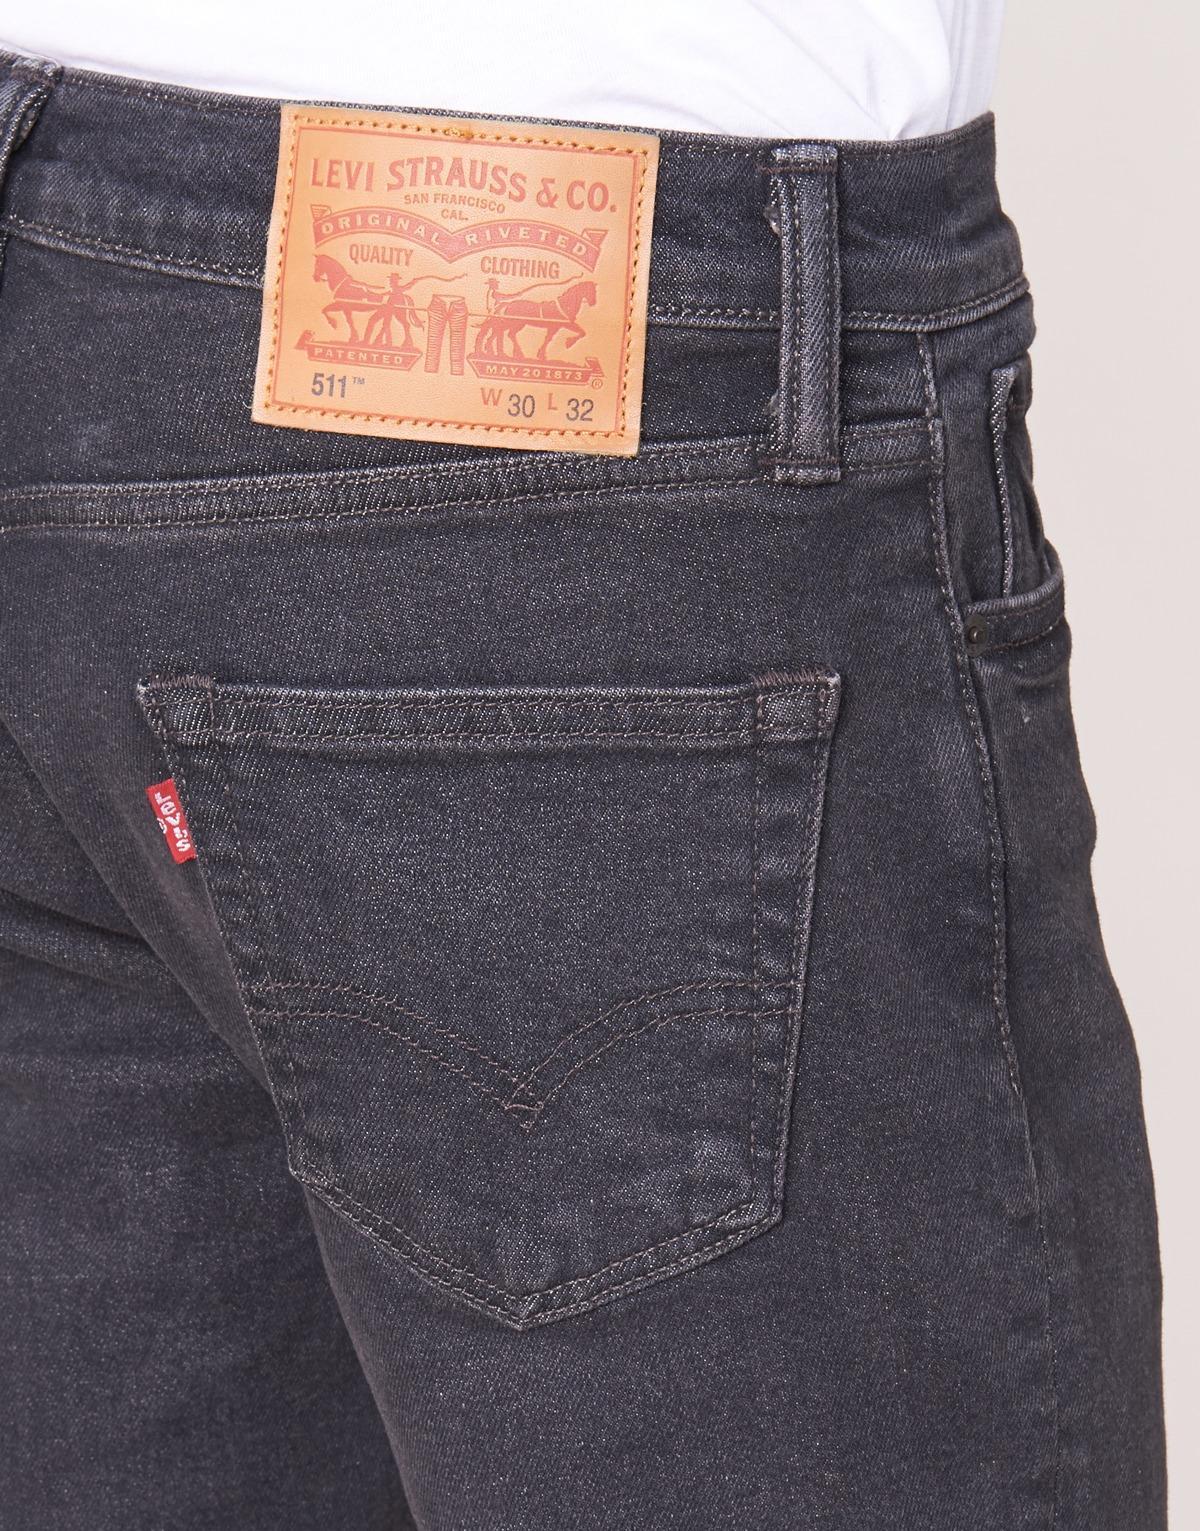 Levi's Denim Levis 511 Slim Fit Men's Skinny Jeans In Black for Men